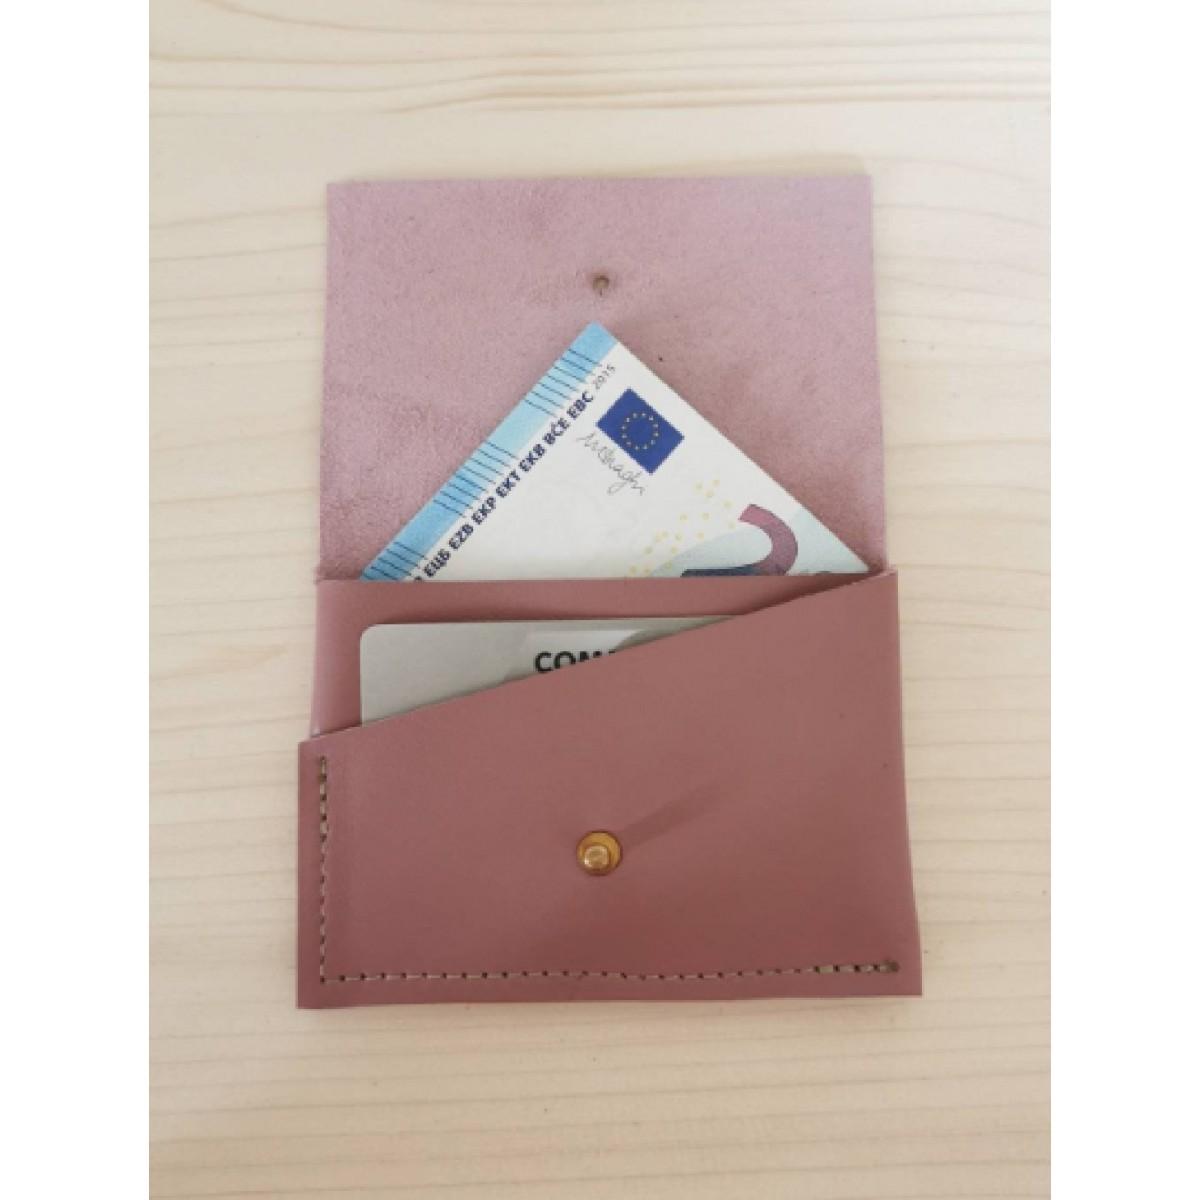 BSaite / Mini Leder Portemonnaie / kleine Leder Geldbörse / Leder Kartenetui / rosane Geldbörse